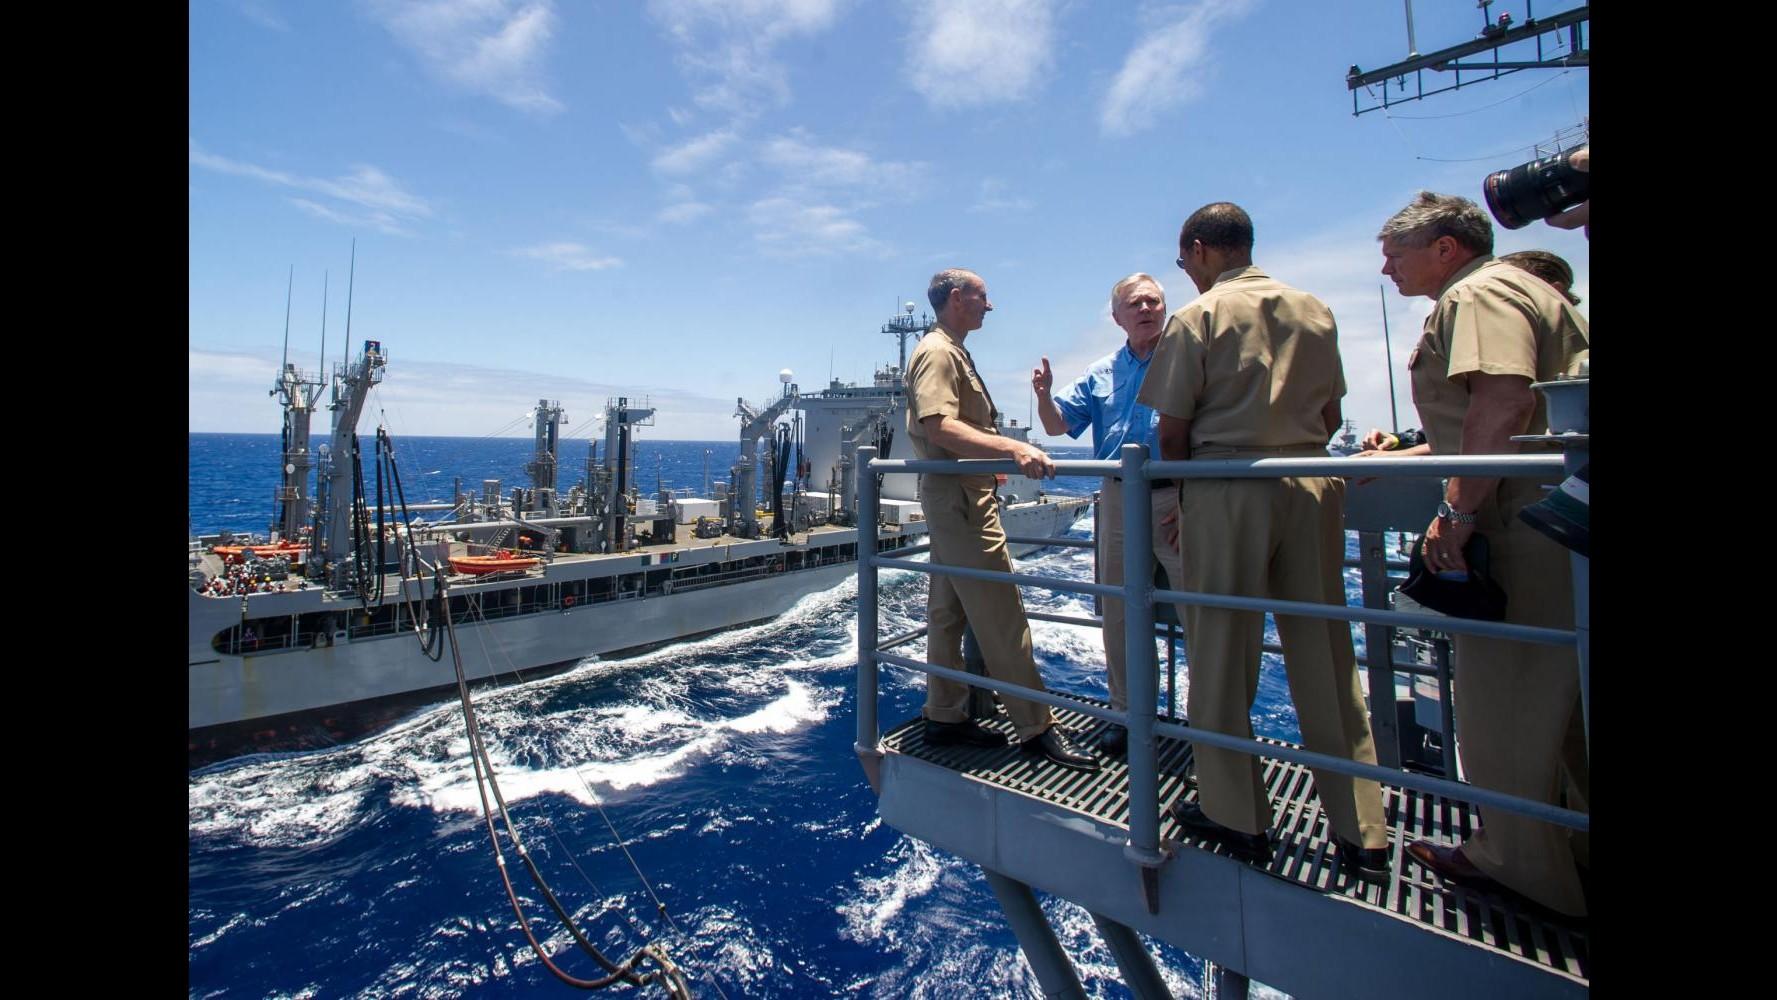 Usa, esplosione in base marina militare Usa: 8 feriti